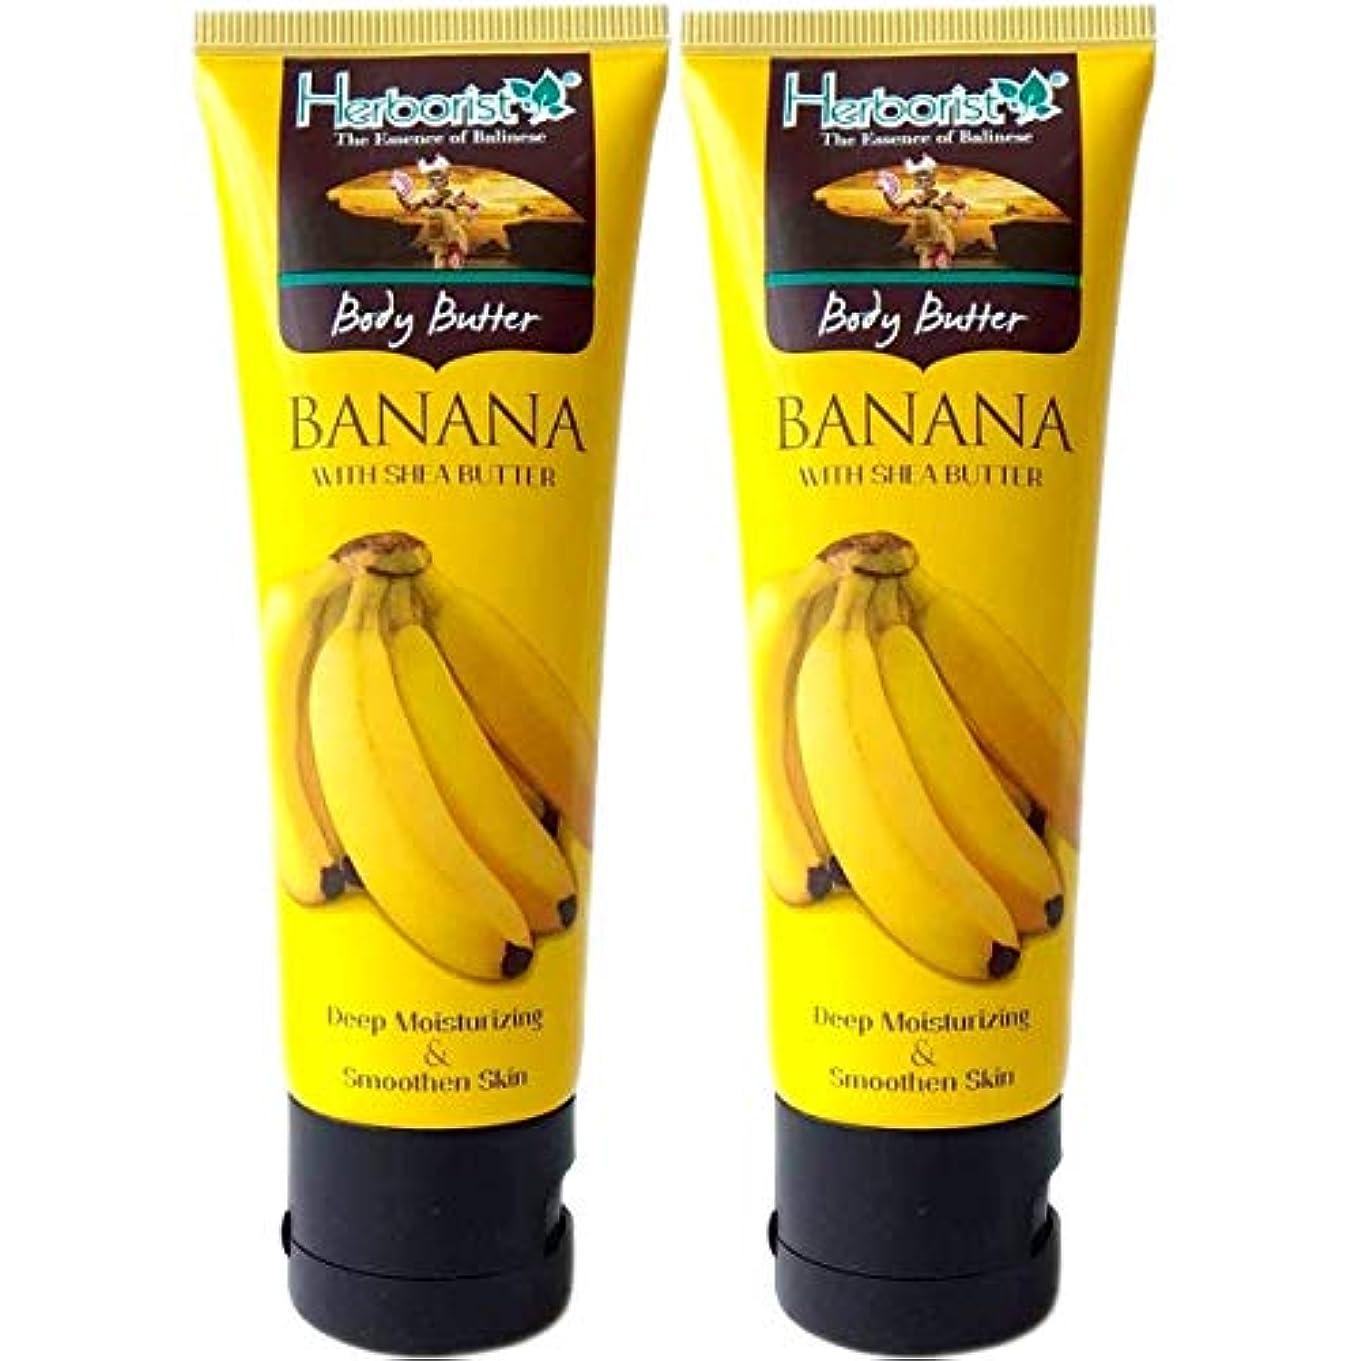 努力動物コーチHerborist ハーボリスト Body Butter ボディバター バリスイーツの香り シアバター配合 80g×2個セット Banana バナナ [海外直送品]